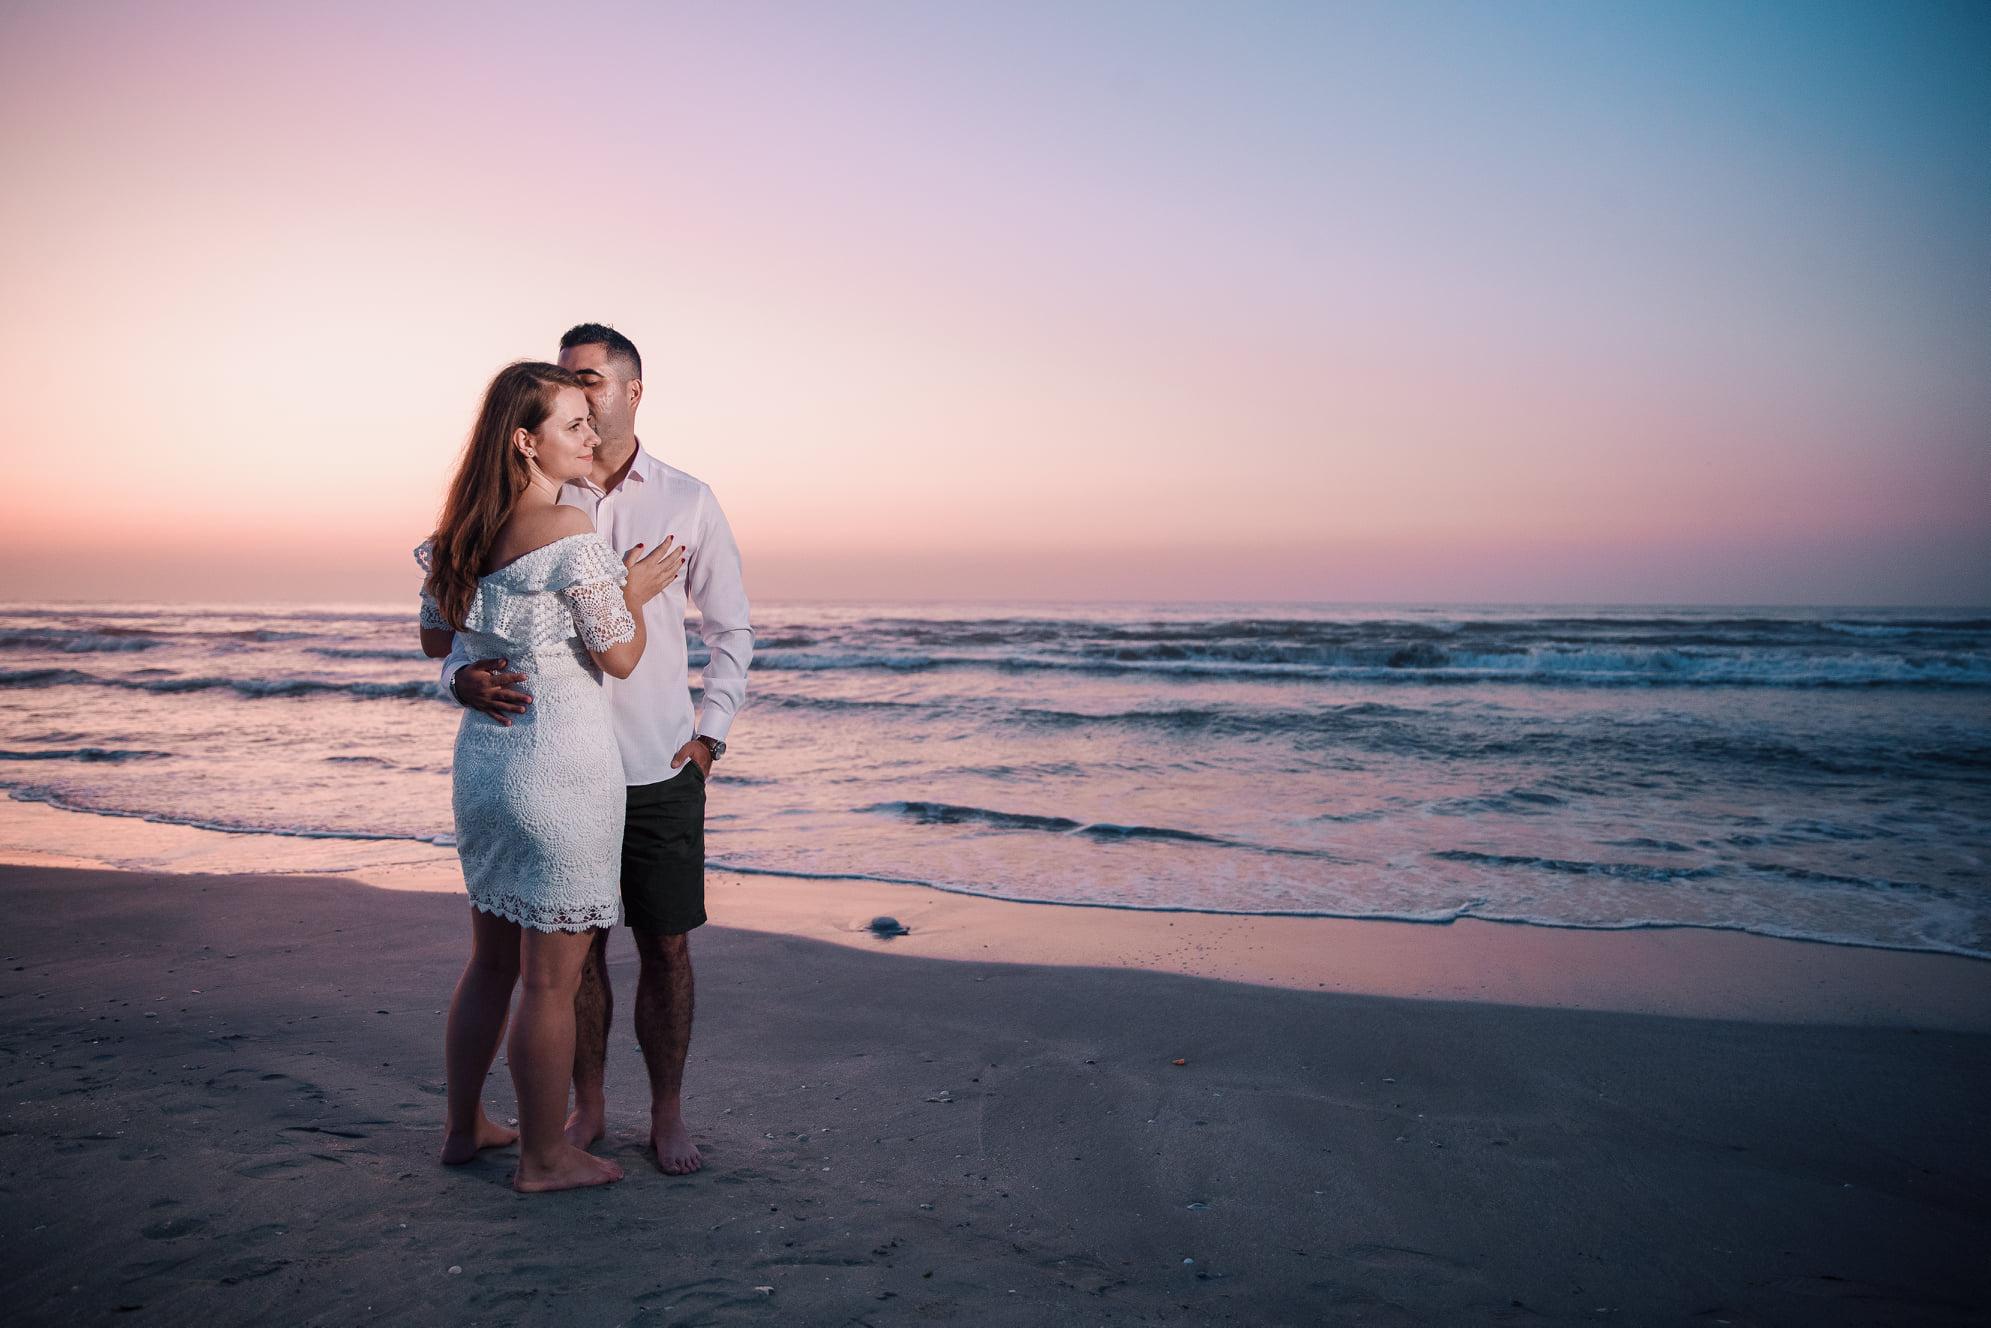 fotograf profesionist nunta pret